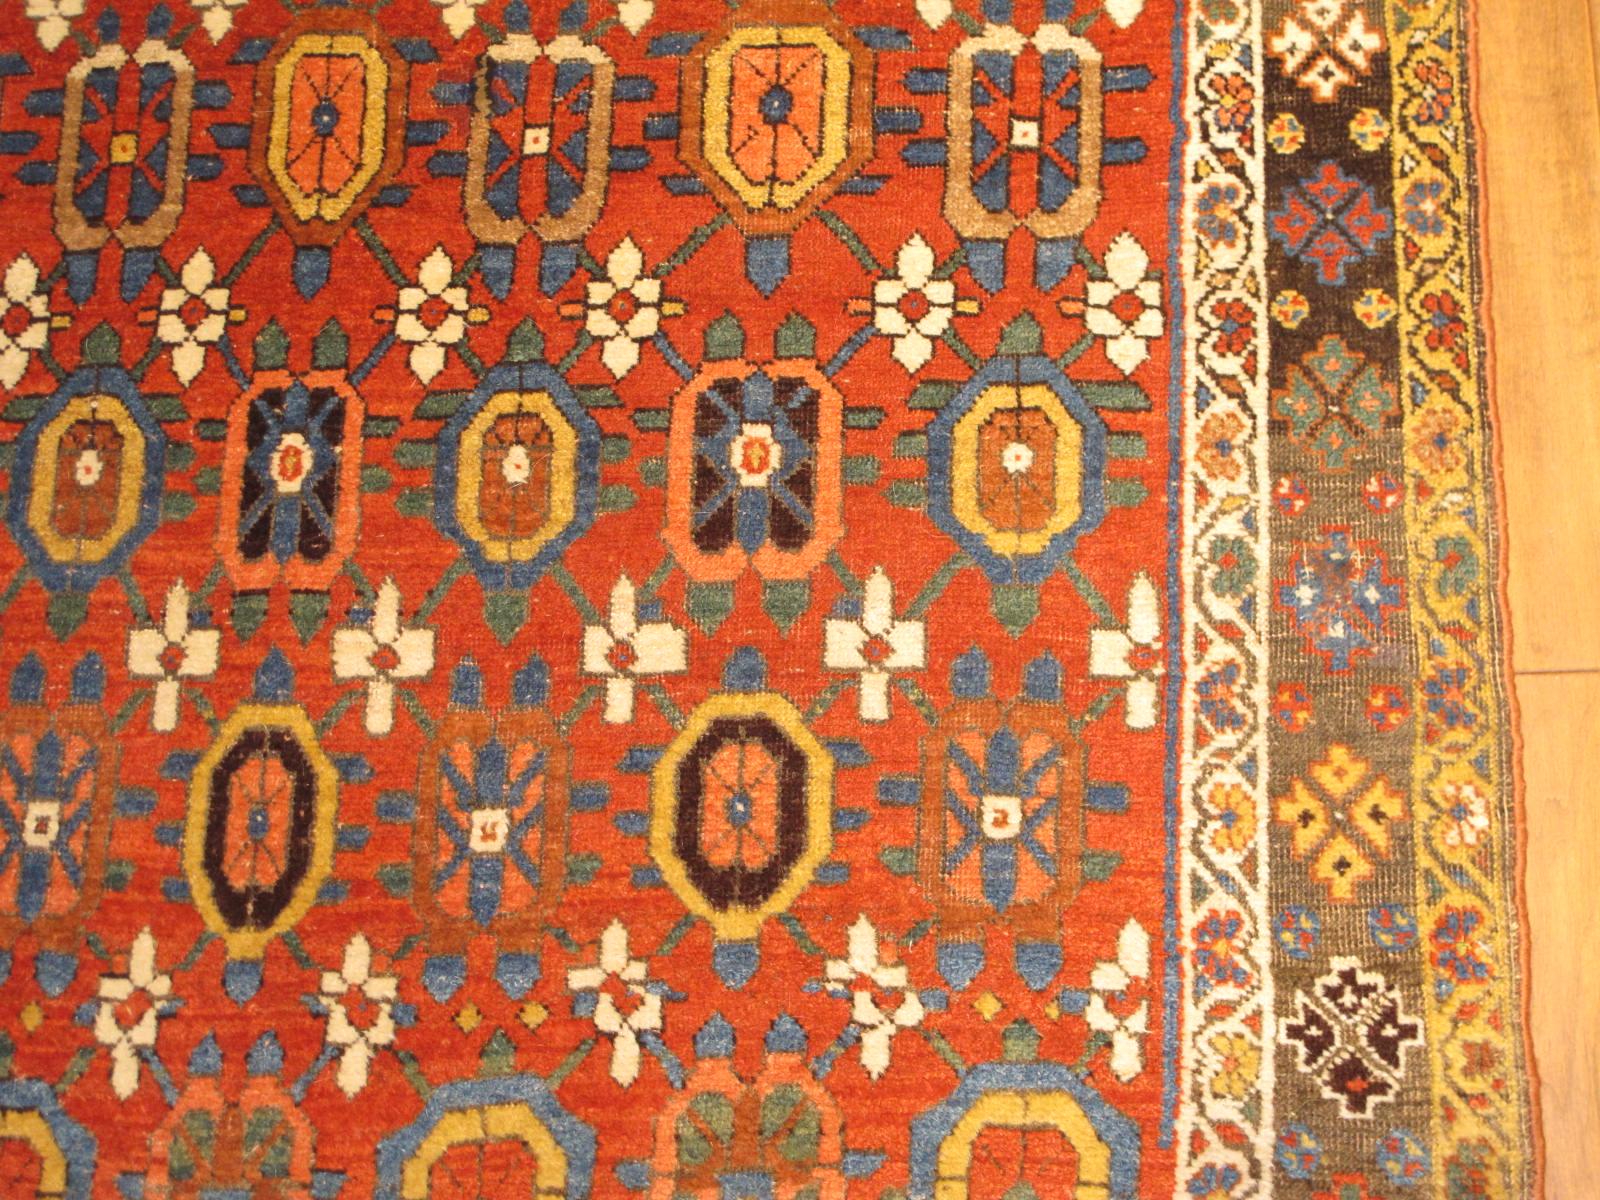 23185 antique persian bidjar rug 4x6,9 (3)